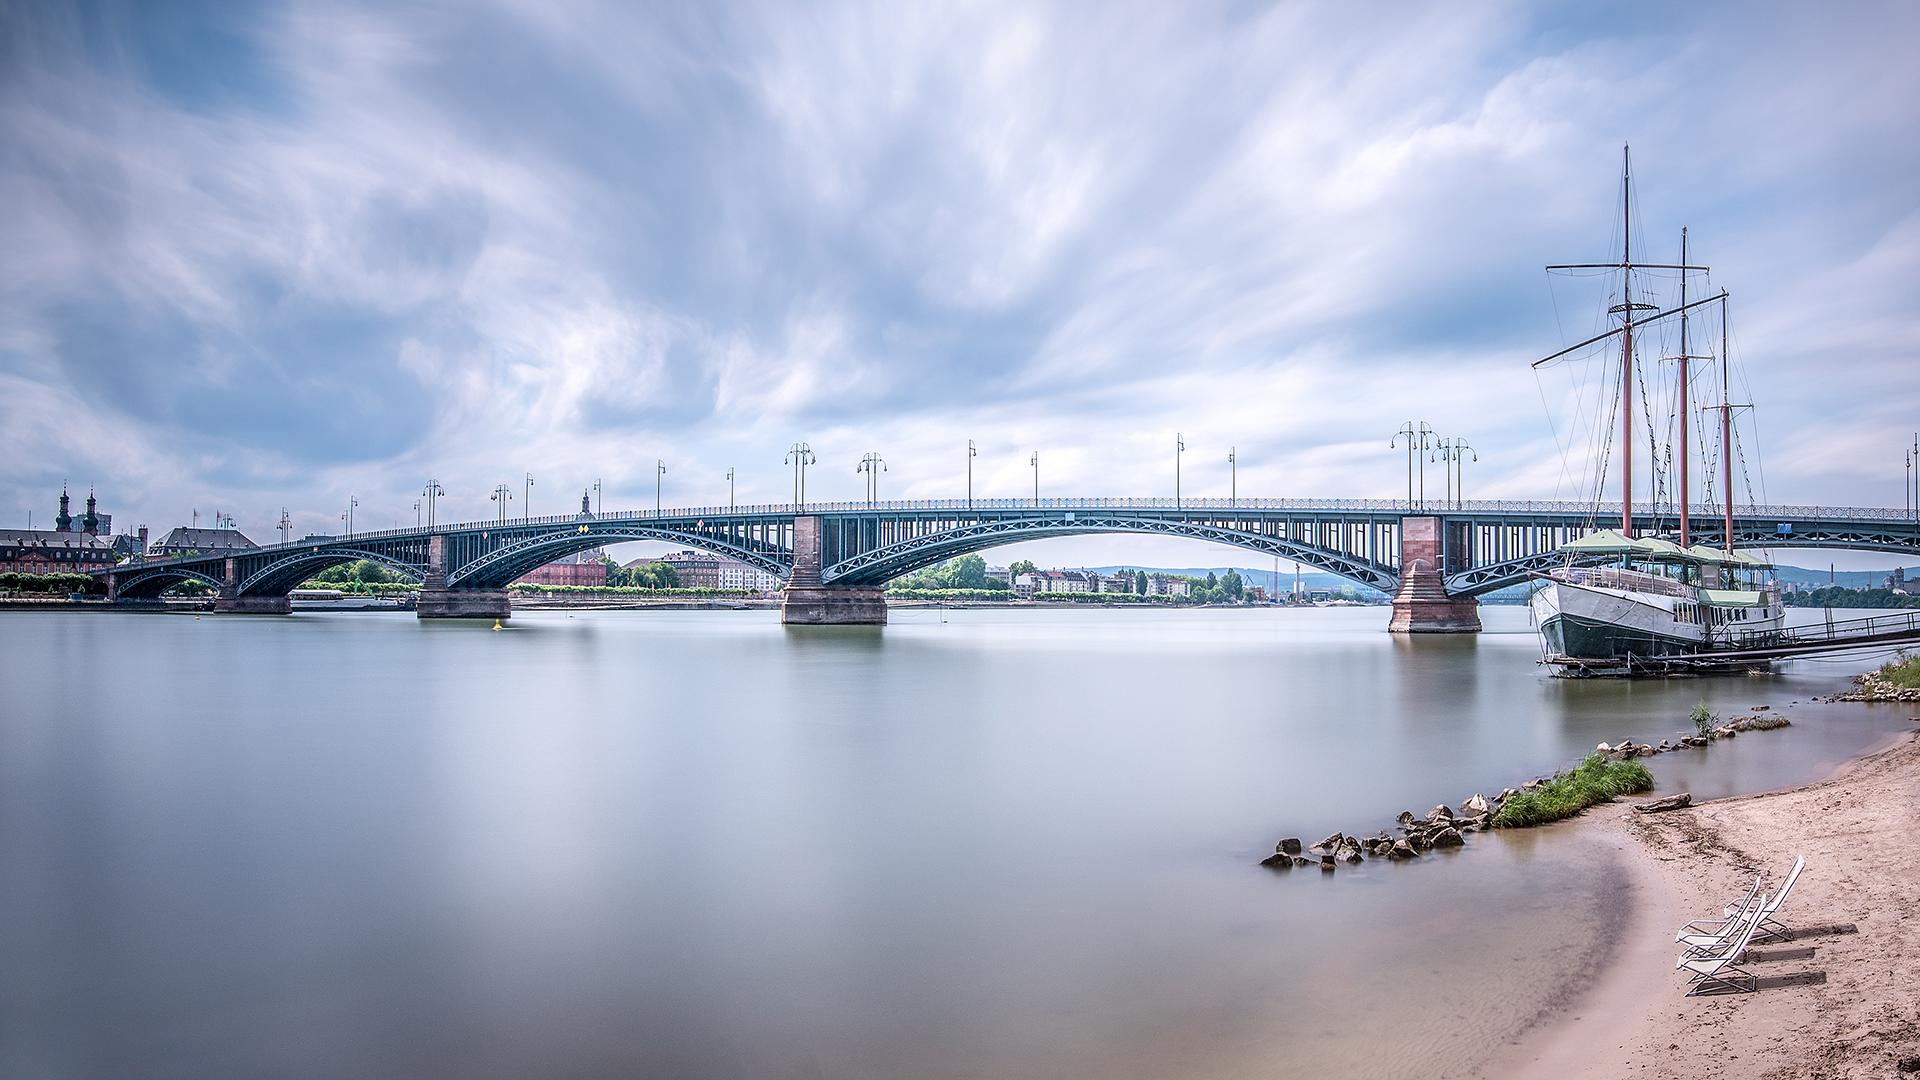 壁纸 1920x1080像素 建筑 银行 桥 建造 都市风景 云彩 德国